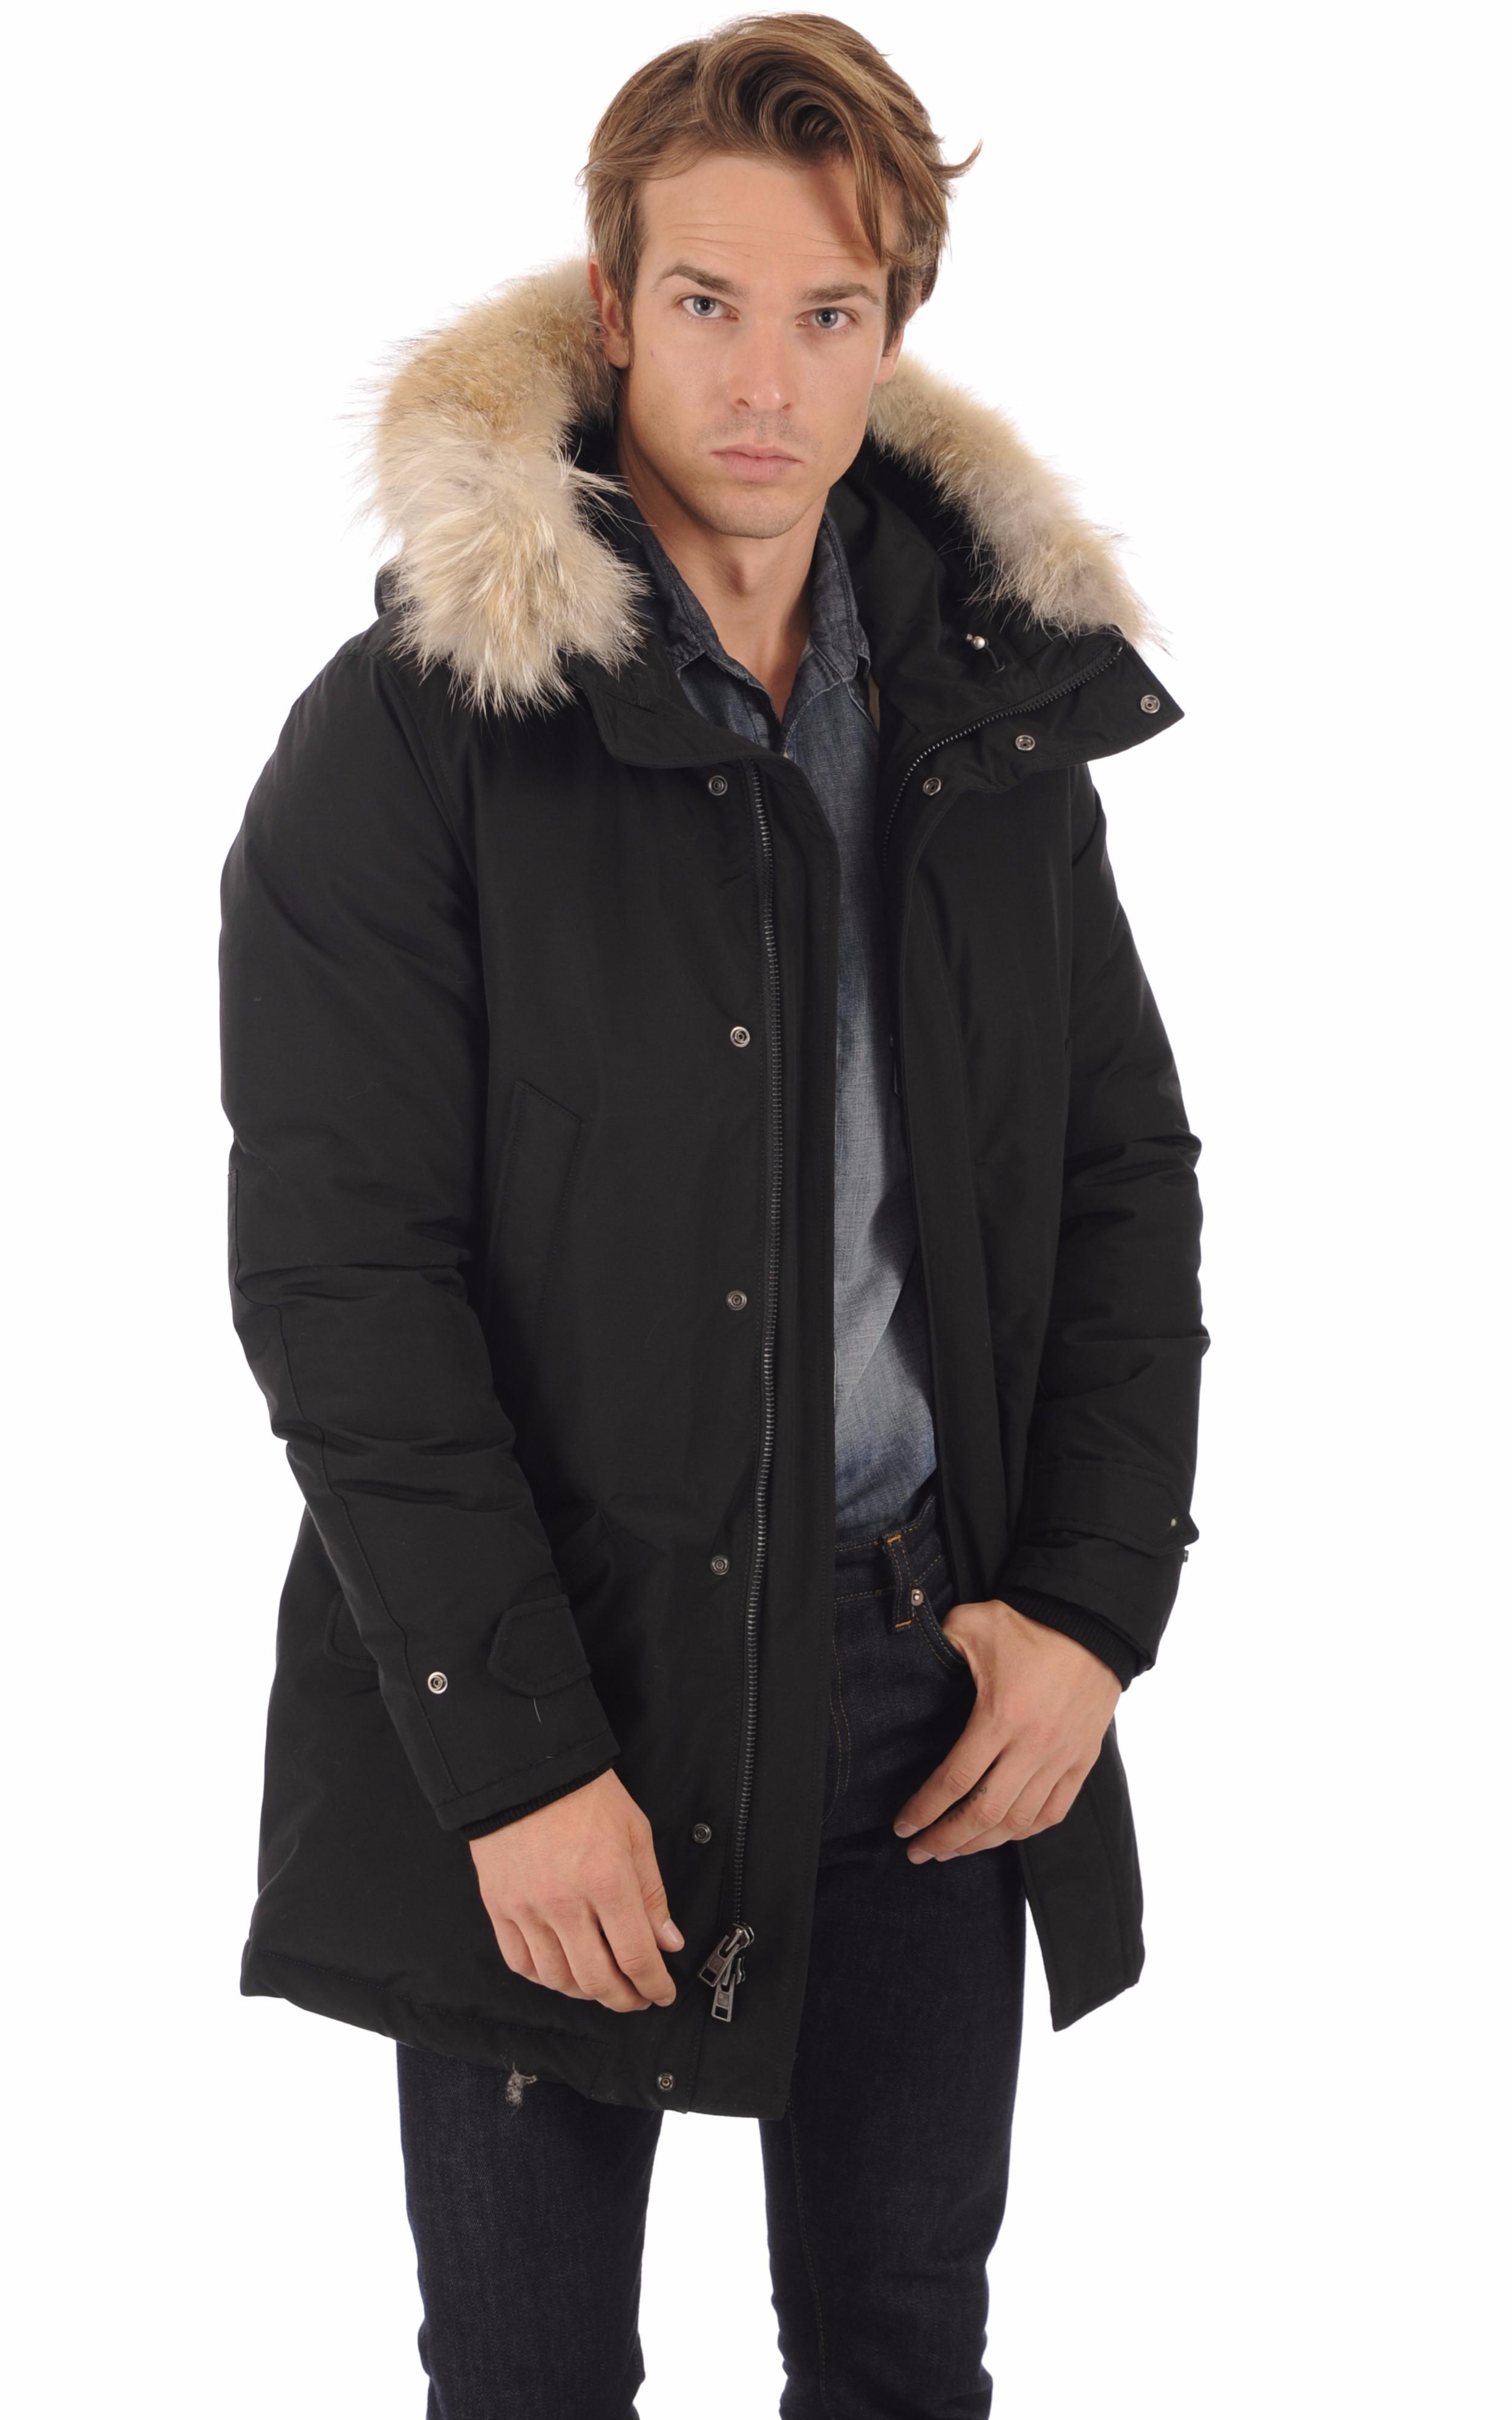 Doudoune Polar noire avec fourrure Woolrich